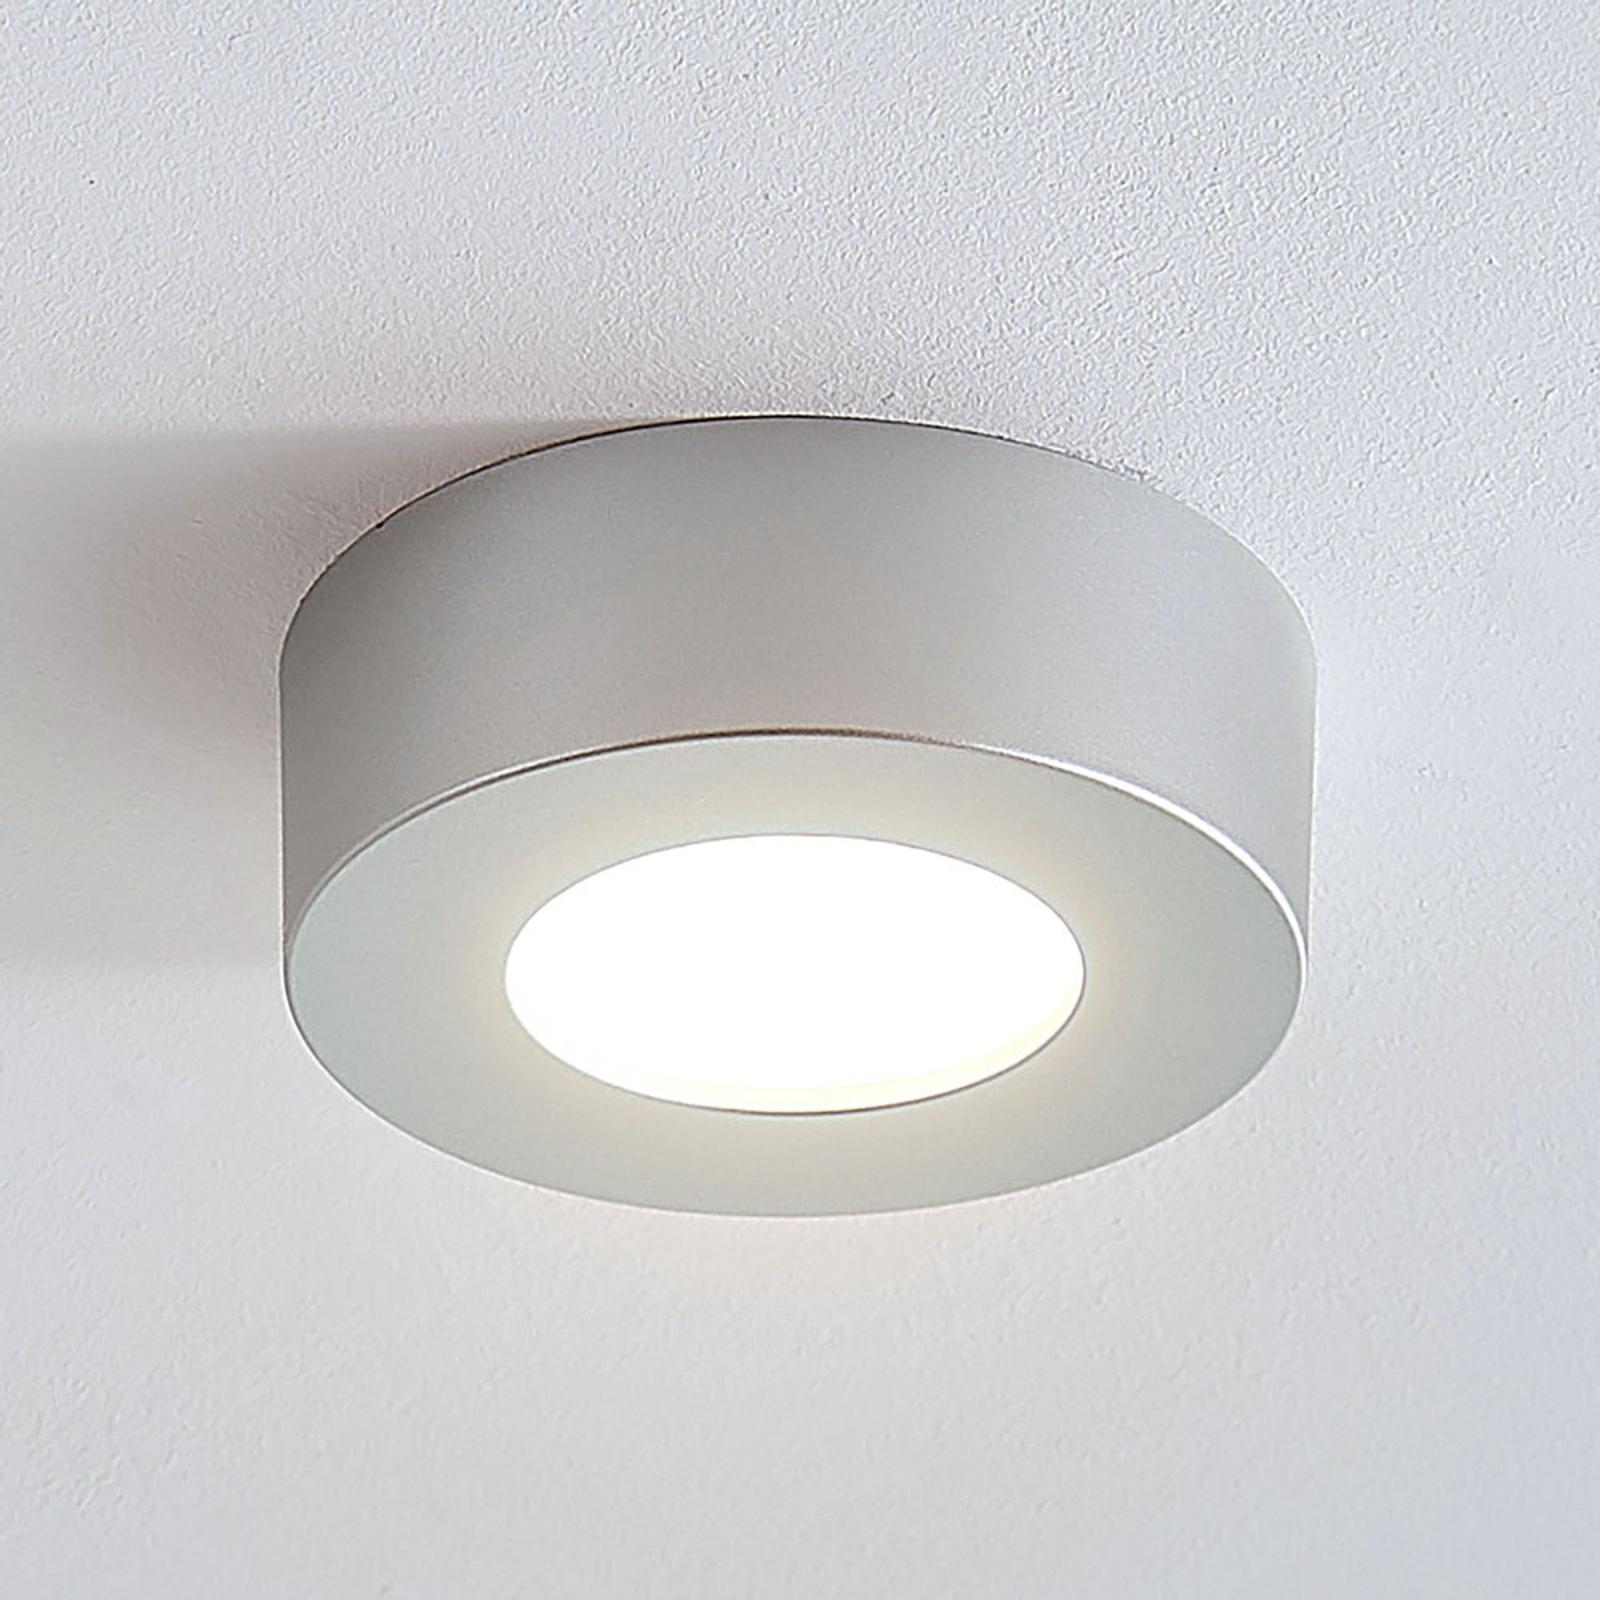 LED stropní svítidlo Marlo stříbrné kulaté 12,8 cm